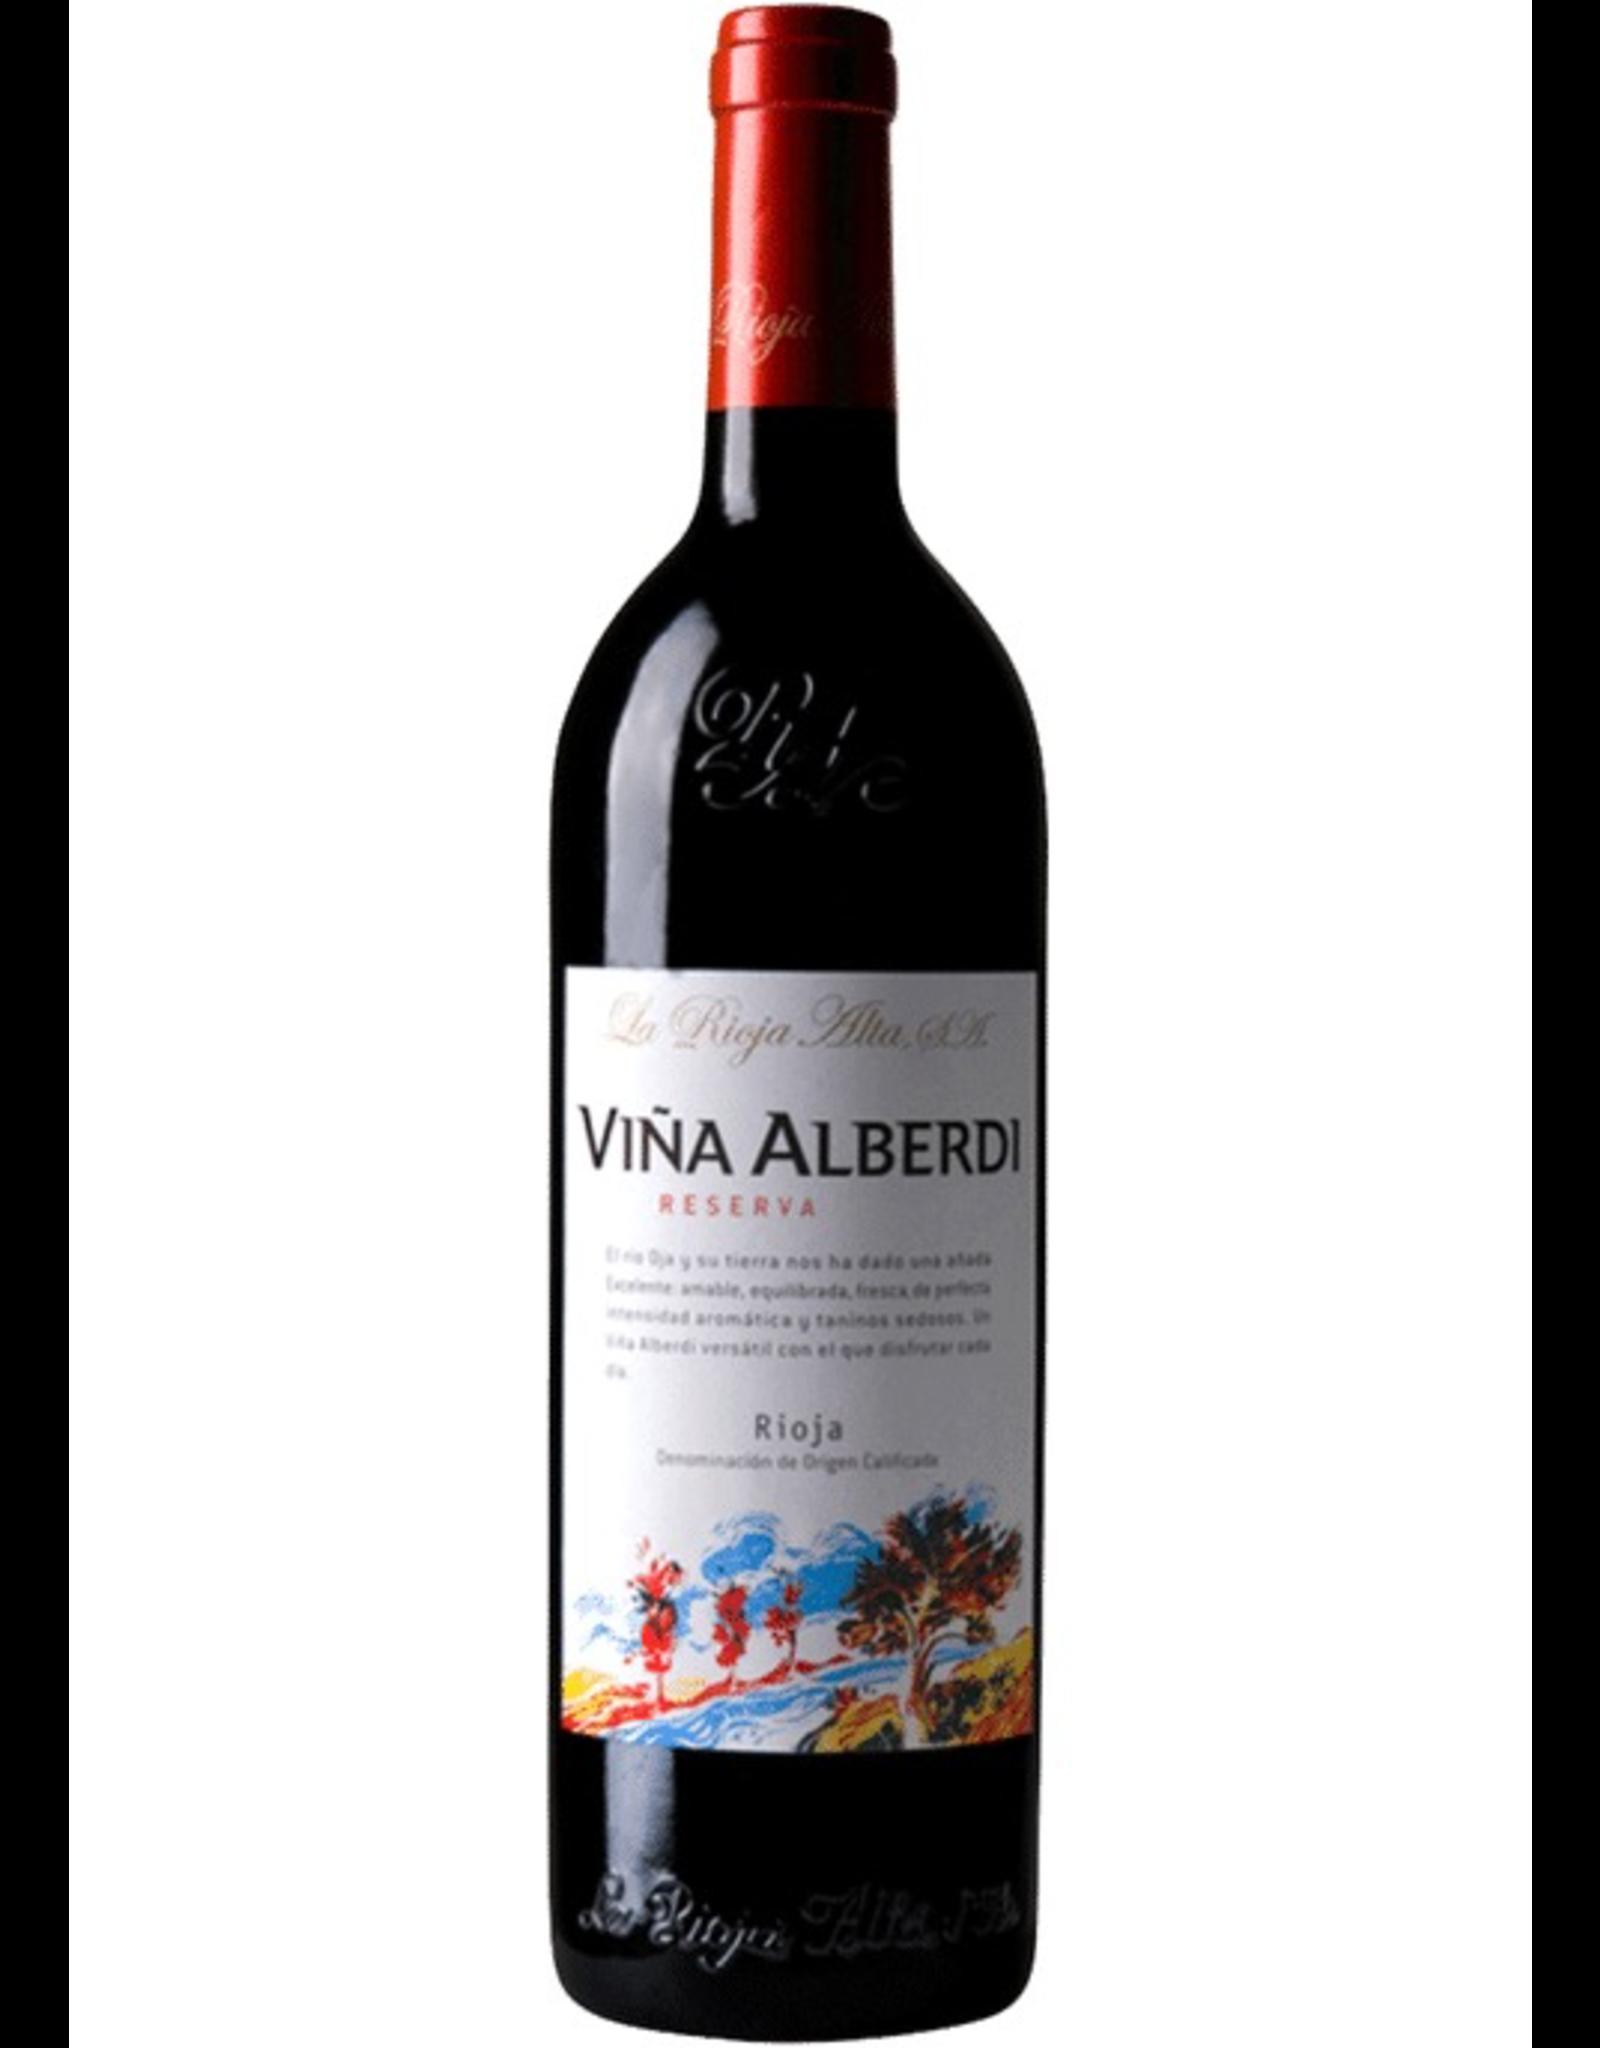 Red Wine 2013, La Rioja Alta S.A. Vina ALBERDI Rioja Reserva, Tempranillo Blend, Haro, Rioja, Spain, 13.5% Alc, CTnr, TW92